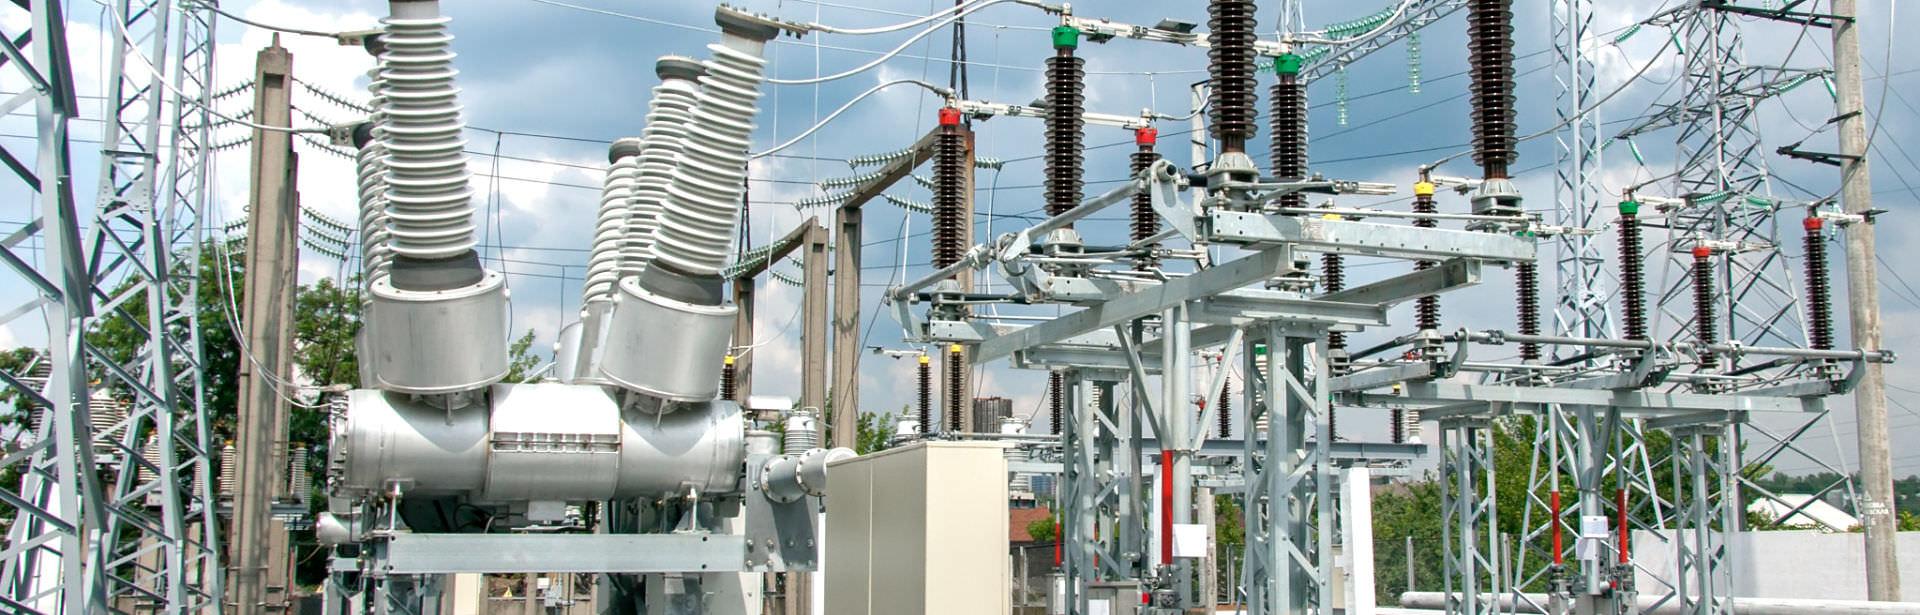 «Электрощит» - электрооборудование от российского производителя